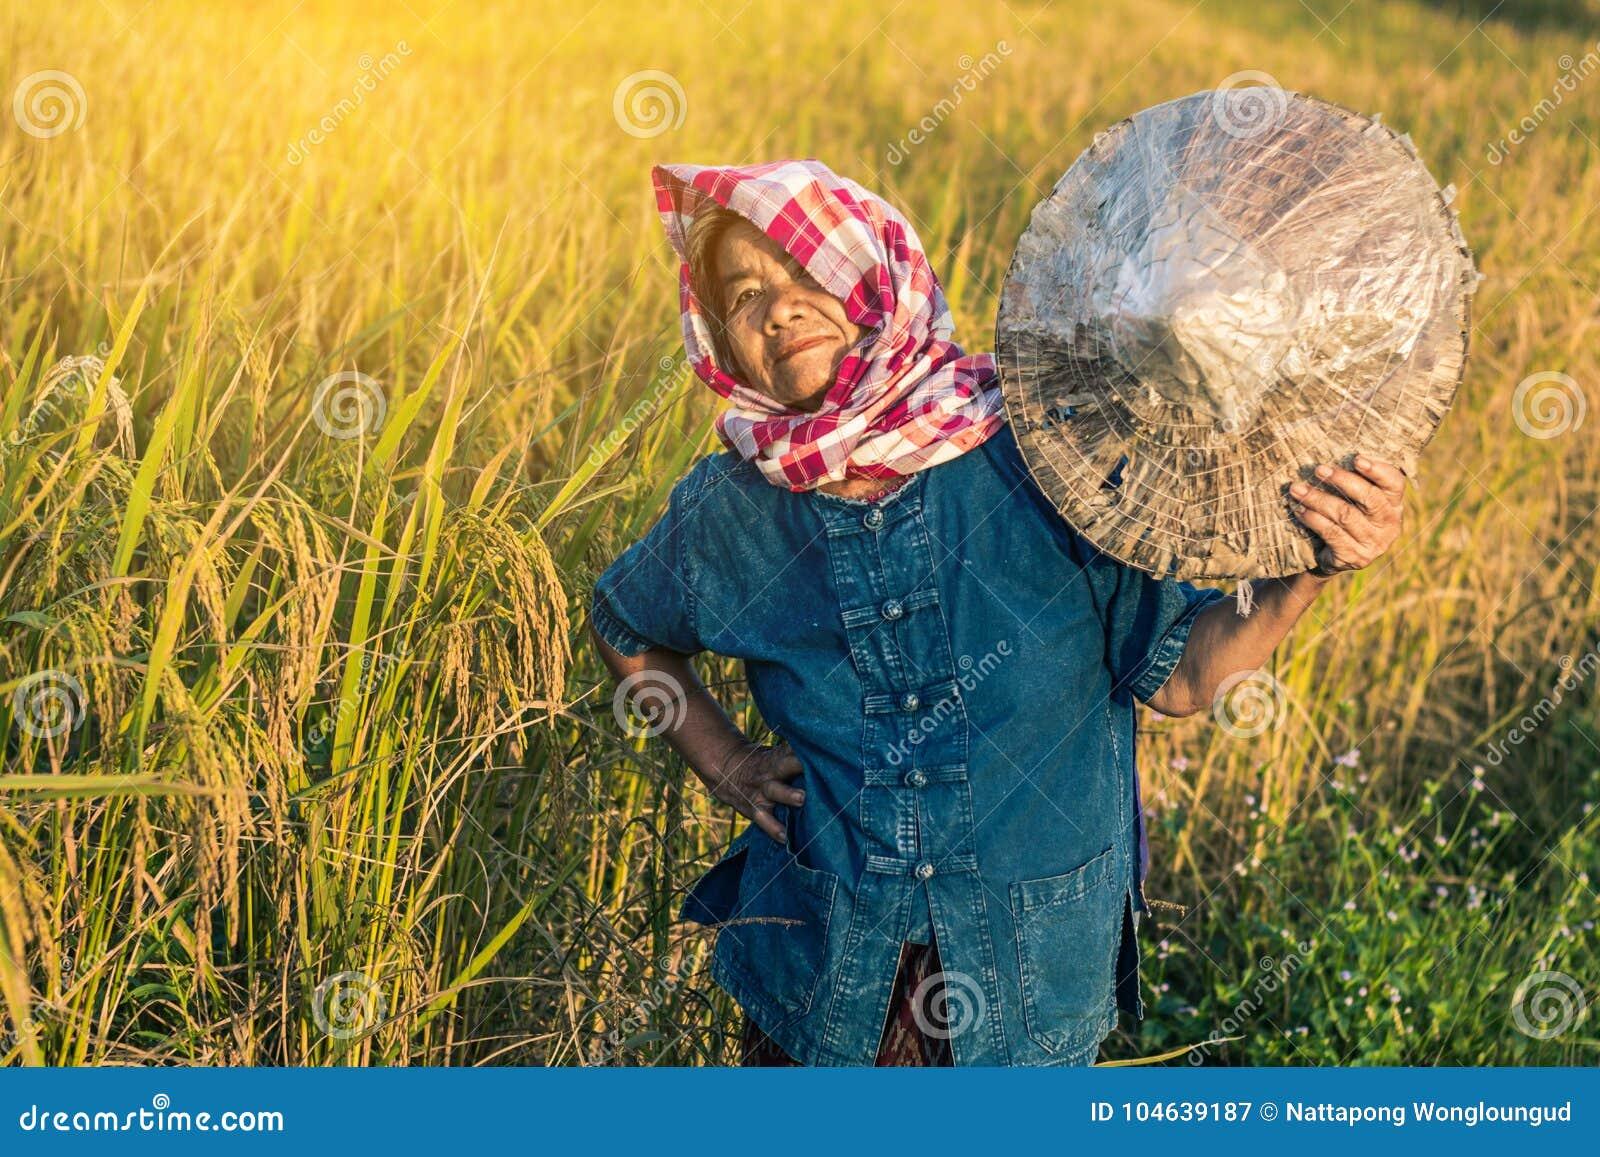 Download Landbouwer met rijstoogst stock afbeelding. Afbeelding bestaande uit levensstijl - 104639187